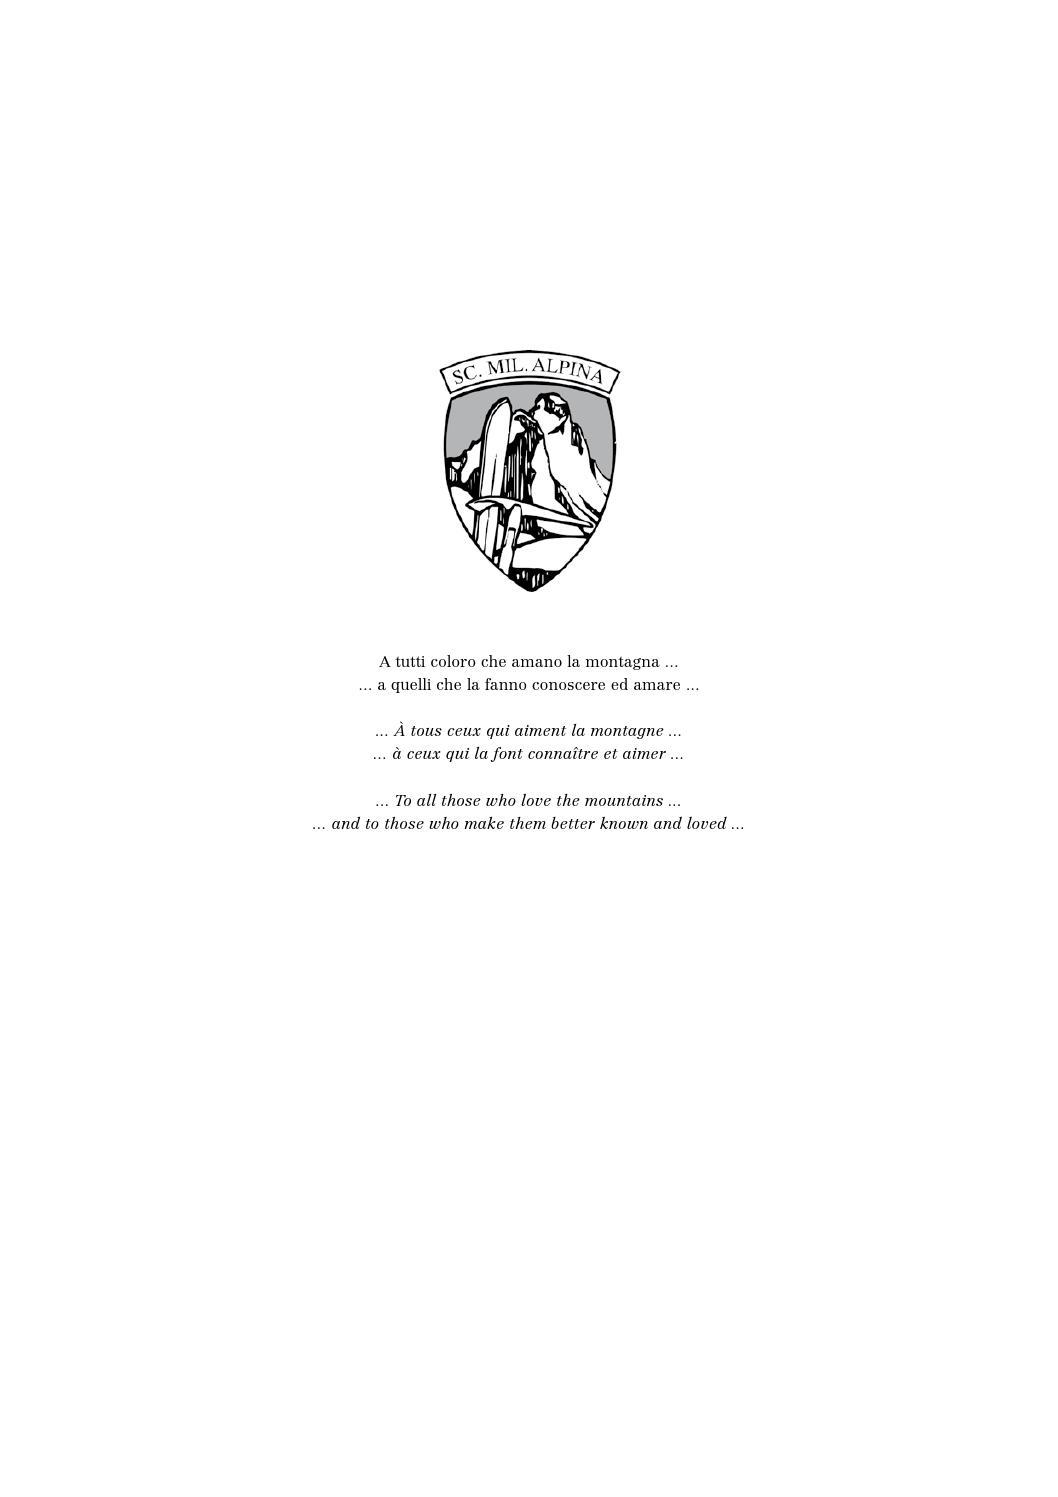 Centro addestramento alpino Scuola Militare di Aosta by Walter Donega  -  issuu a9209b5b5ac5